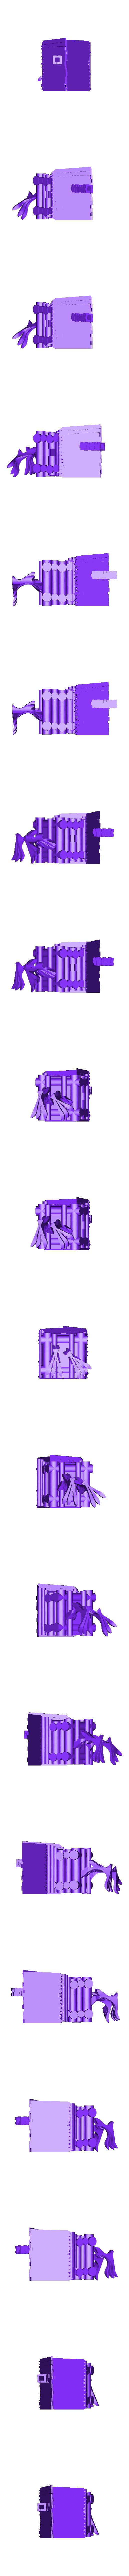 izbushka_all.stl Télécharger fichier STL Maison Baba Yaga • Objet à imprimer en 3D, EliGreen